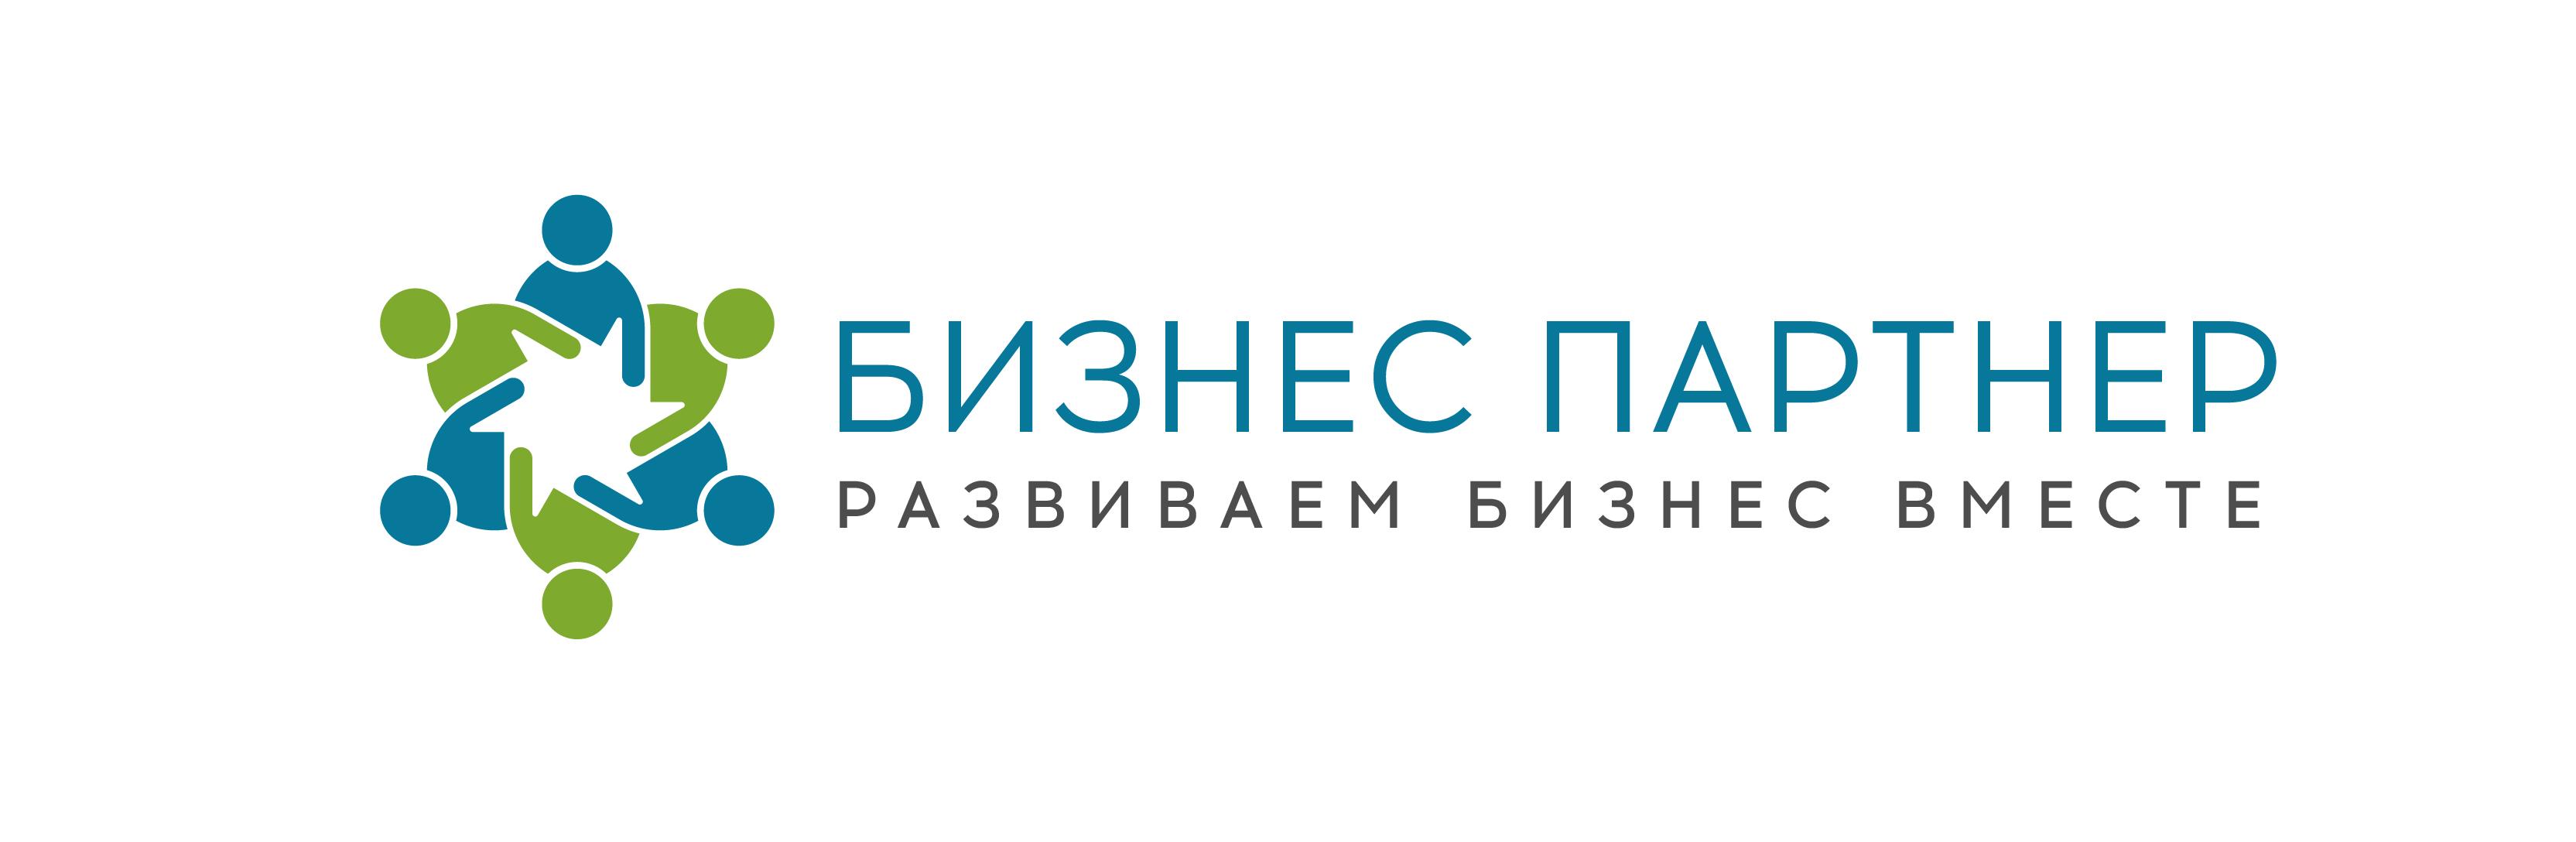 Регистрация ип бизнес партнер реквизиты для уплаты пошлины при регистрации ип